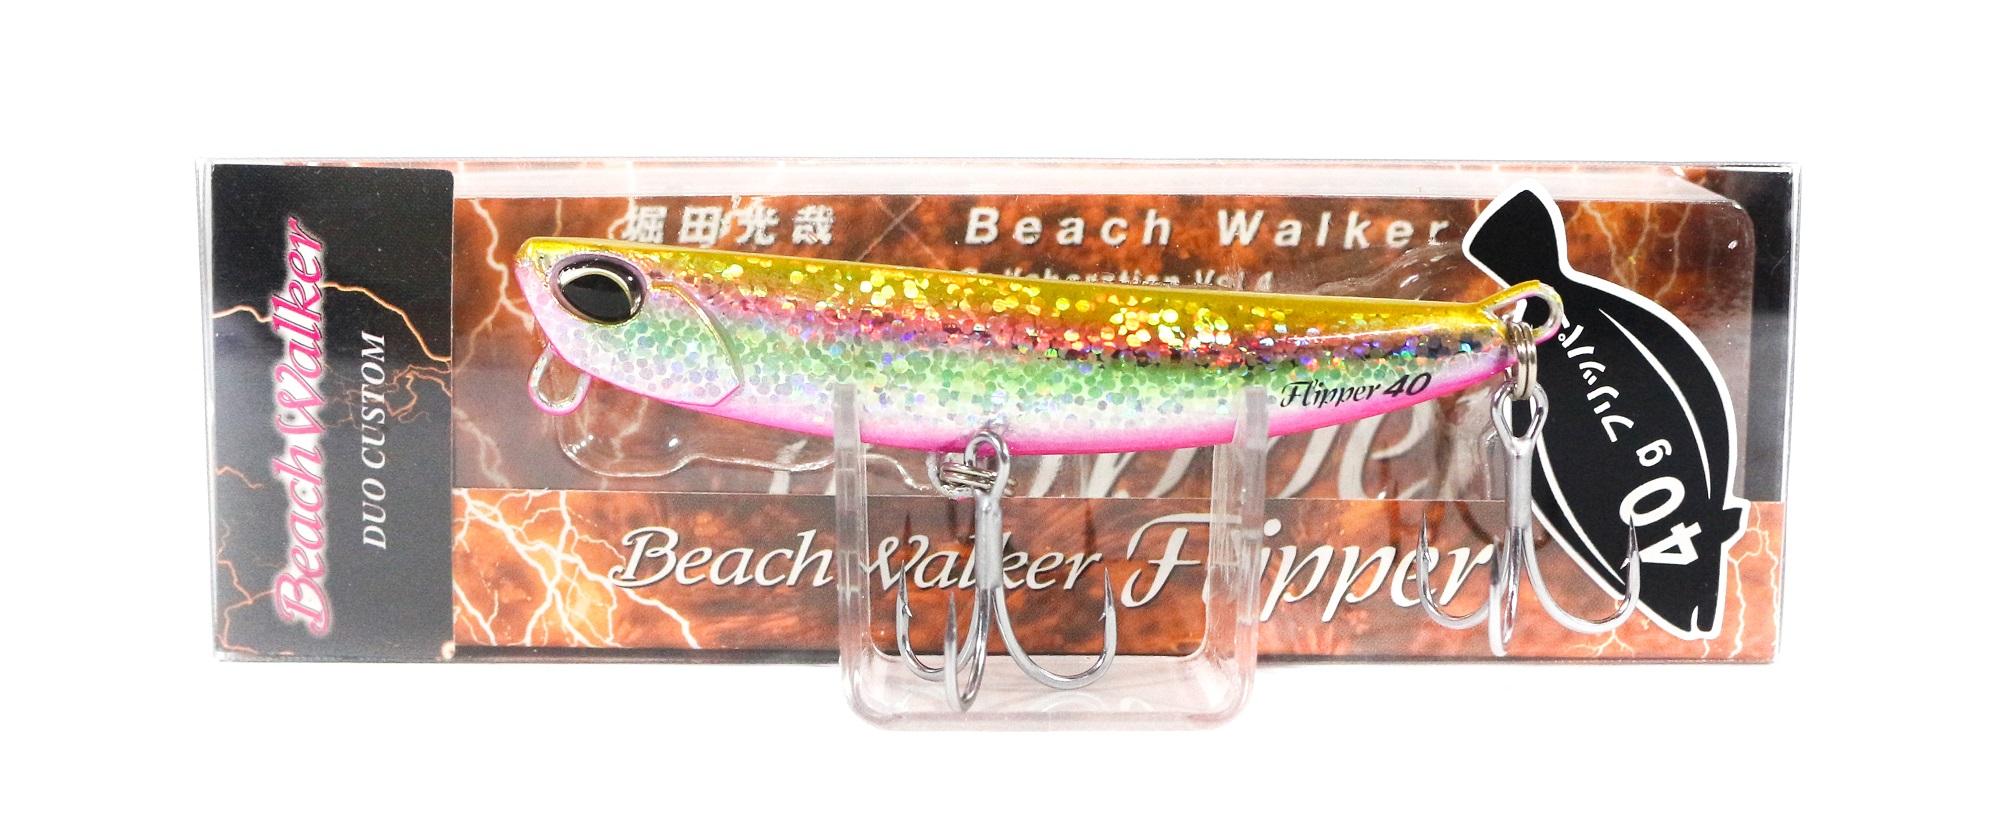 Sale Duo Beach Walker Flipper 40 grams Sinking Lure GHAZ054 (5391)